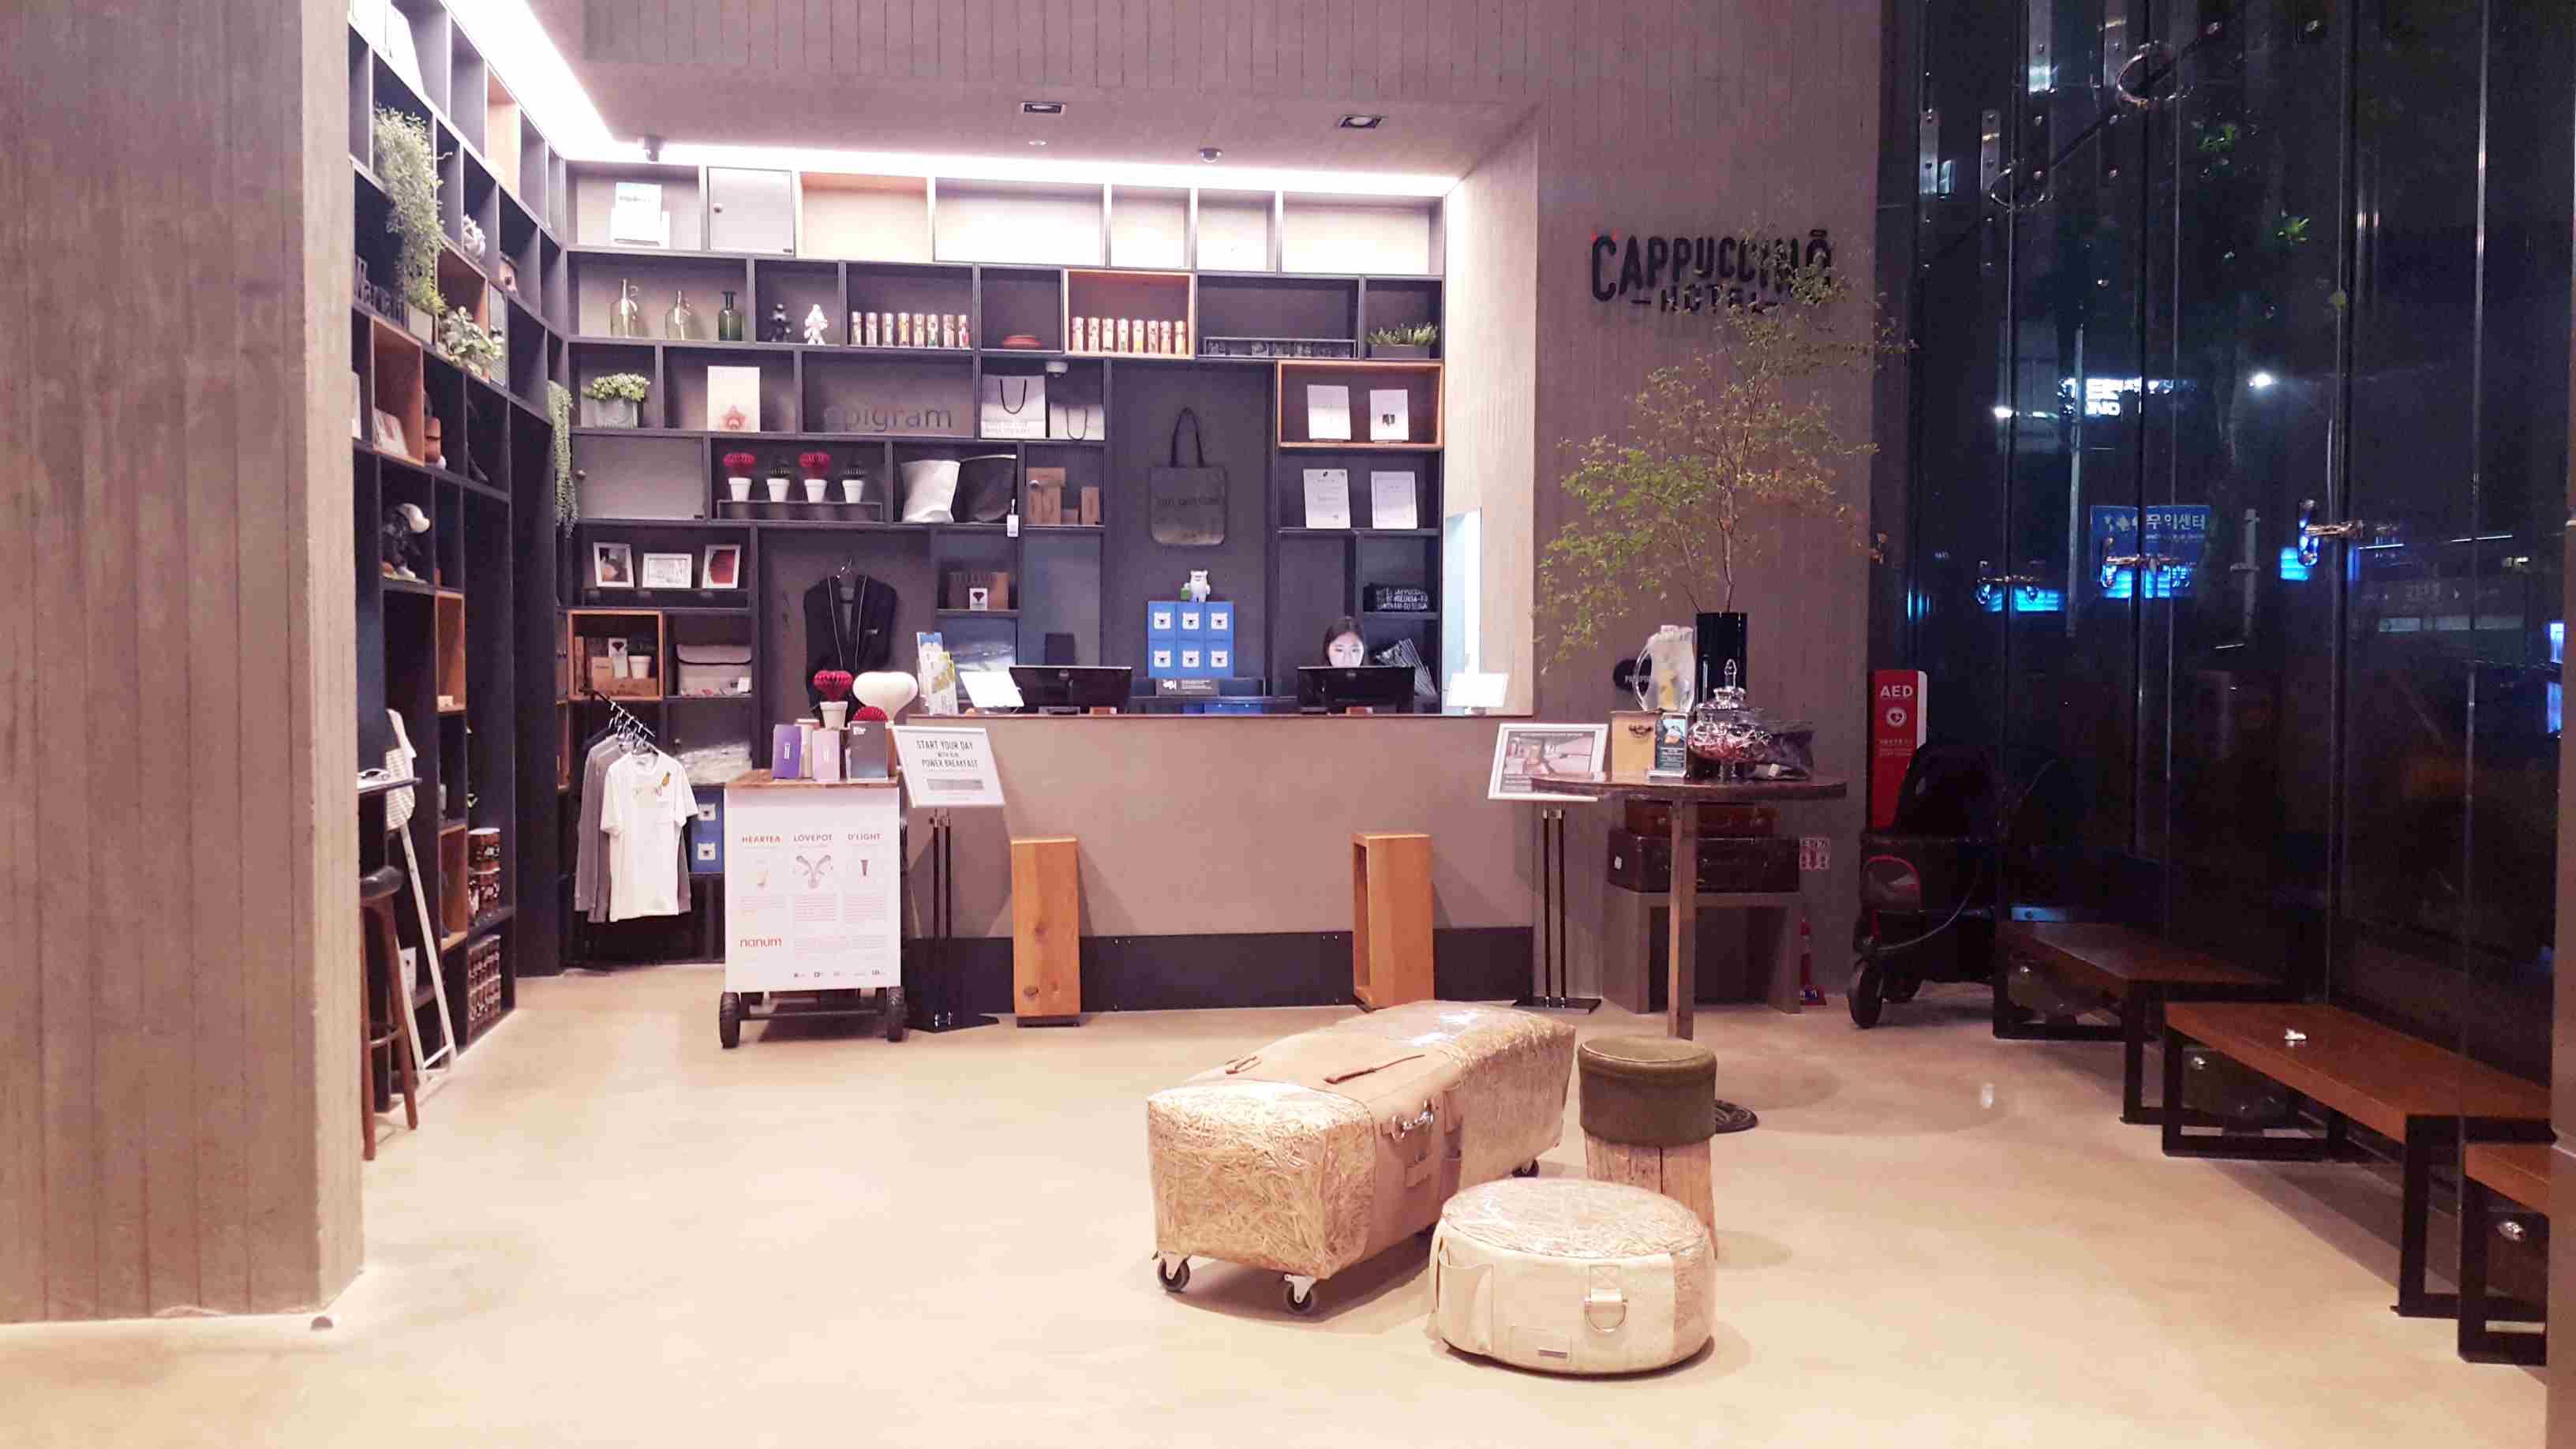 最後為大家附上地址:155 Bongeunsa-ro, Gangnam-gu, Gangnam, Seoul Korea 下次來韓國玩的時候不妨考慮一下打卡酒店Hotel Cappuccino~